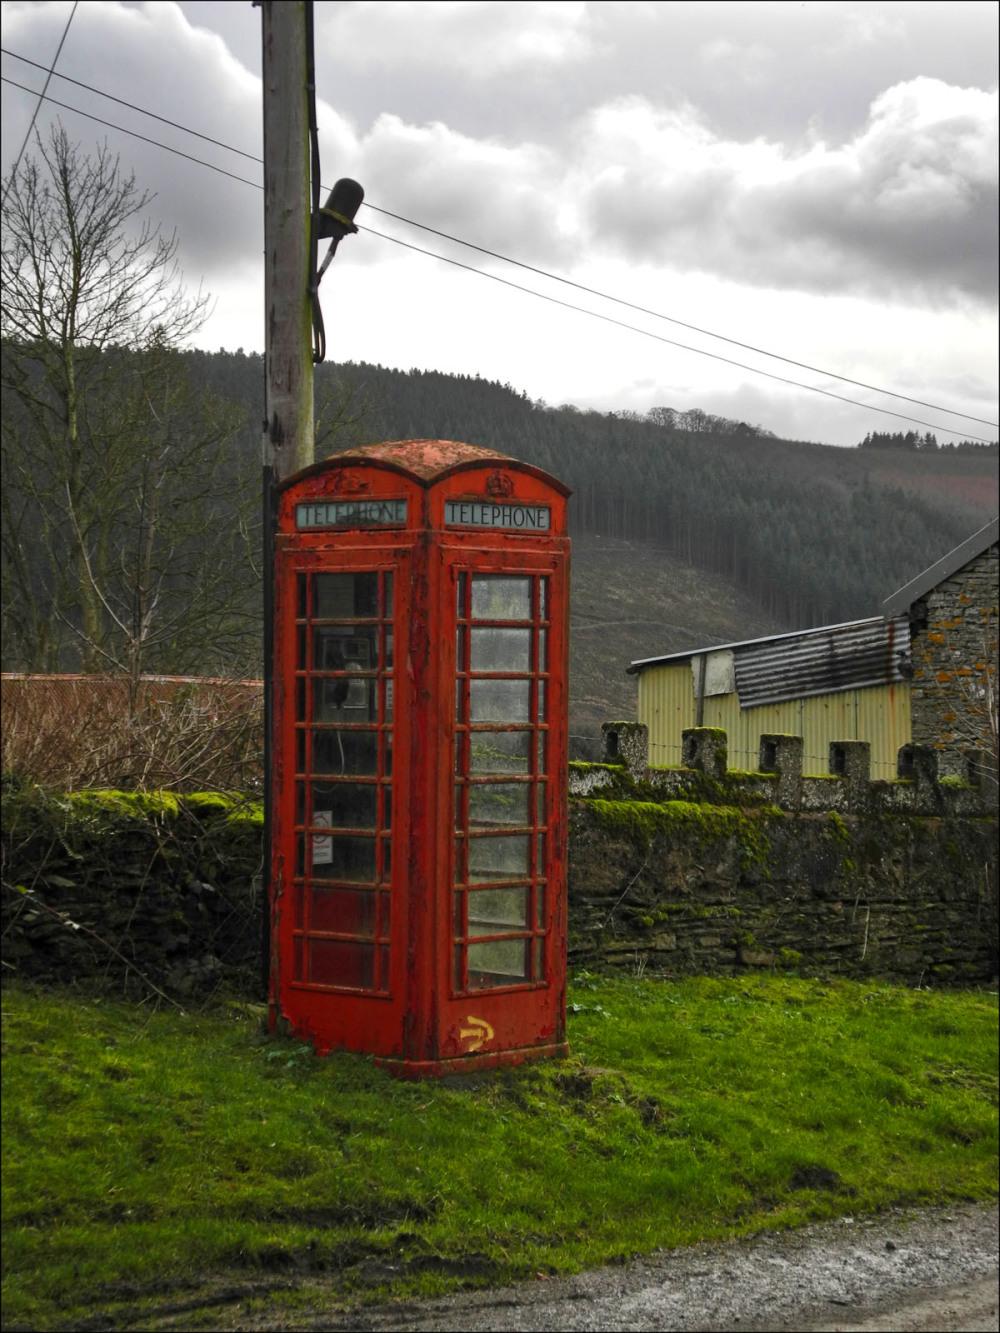 The Great British Telephone Box